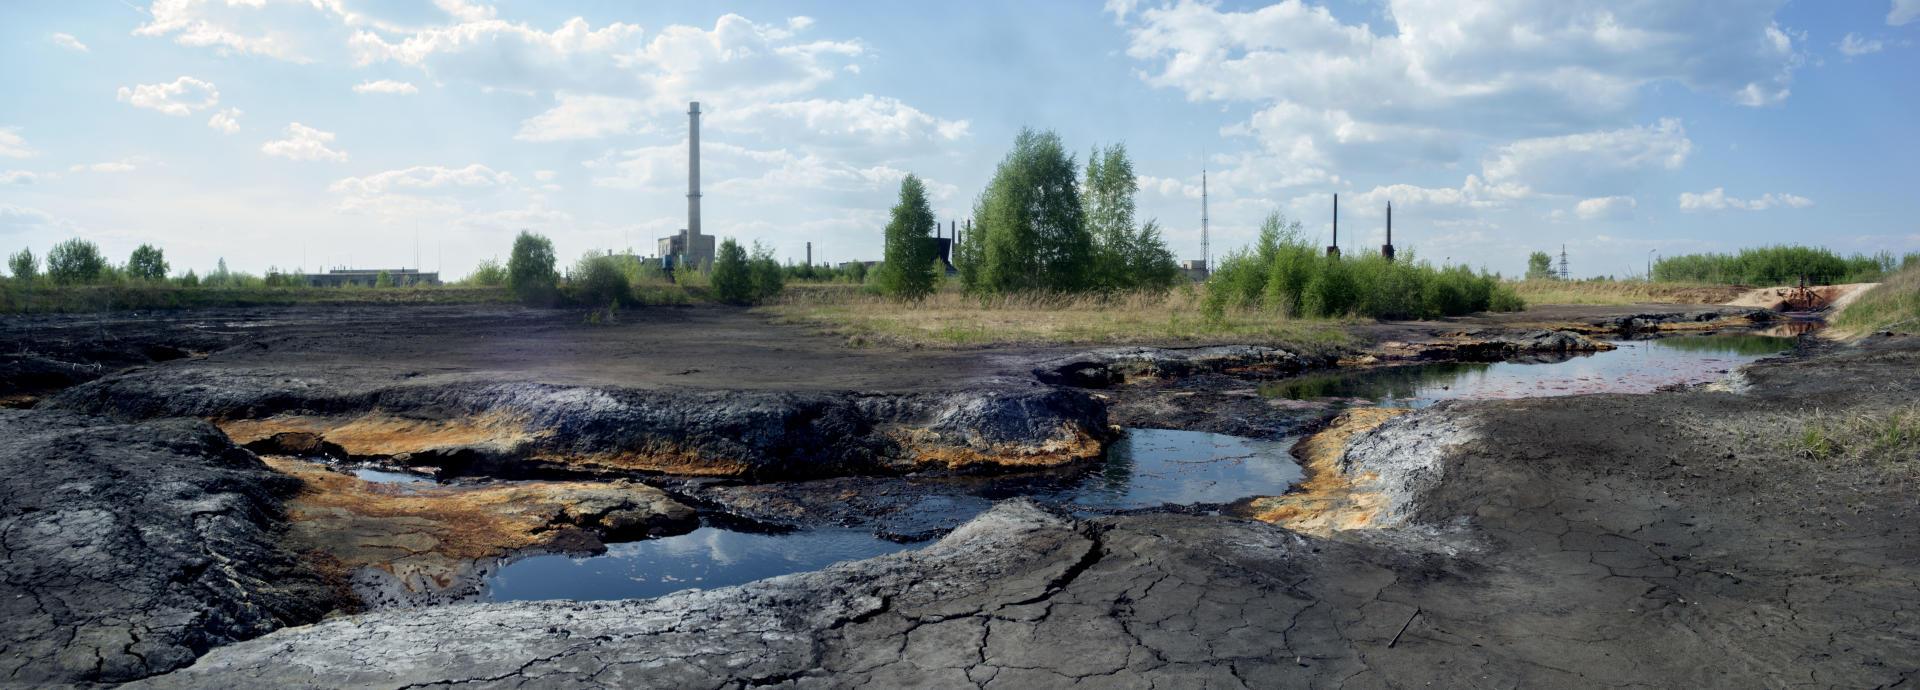 A Dzerjinsk, toutes les nappes phréatiques et les puits sont pollués jusqu'à 20 mètres de profondeur. Près de 300 000 tonnes de déchets chimiques ont été enfouies dans la campagne alentour.